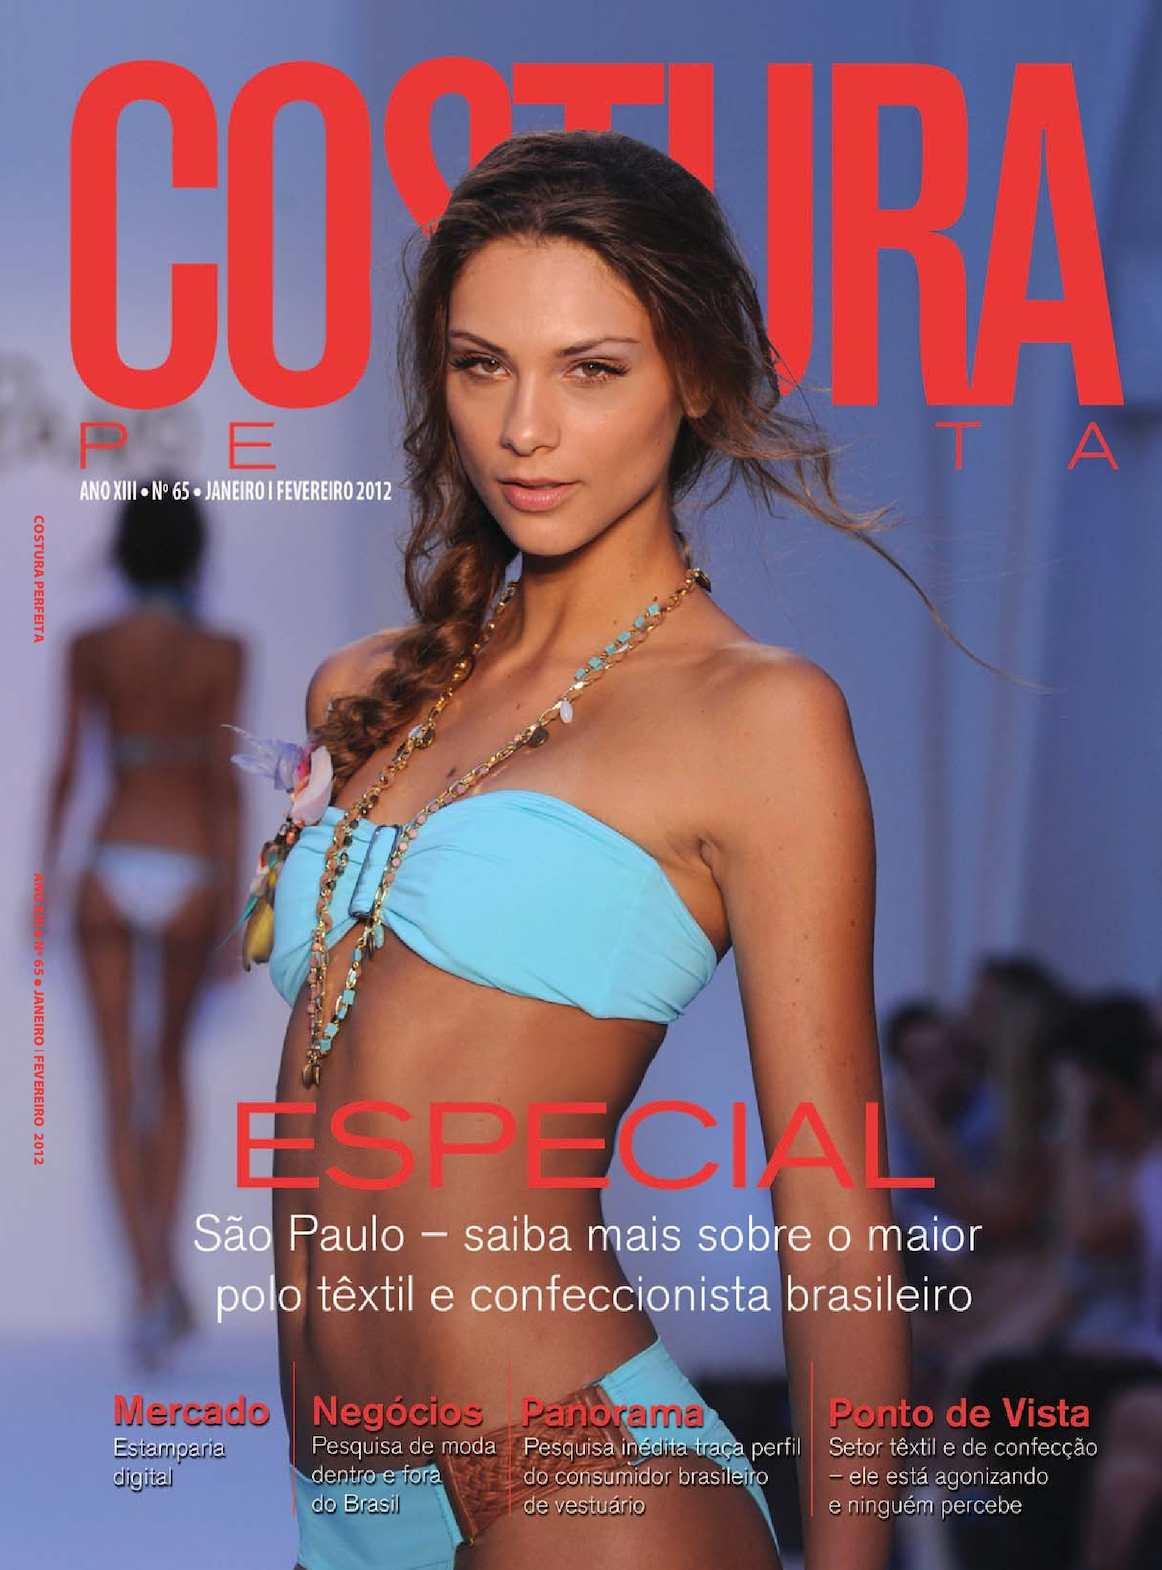 Calaméo - Revista Costura Perfeita Edição Ano XIII - N65 -  Janeiro-Fevereiro 2012 1e93ac741ce